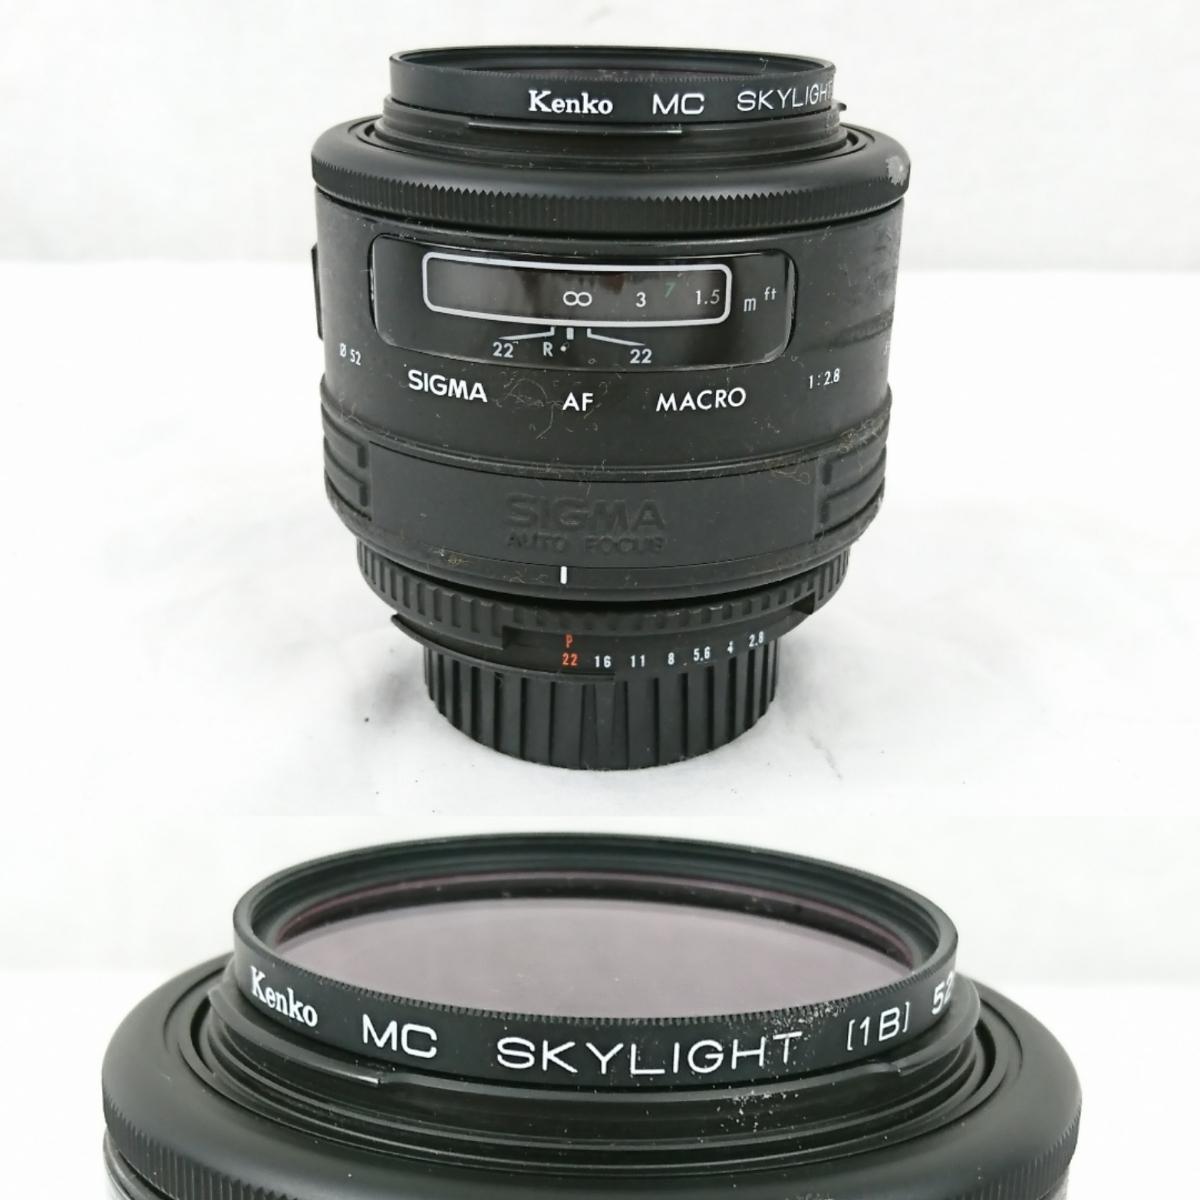 【GK-203】 Nikon ニコン カメラ F4 レンズ AF オートフォーカス Nikon ED AF NIKKOR 80-200mm AF NIKKOR 70-210mm NIKKOR 28-85mm_画像9